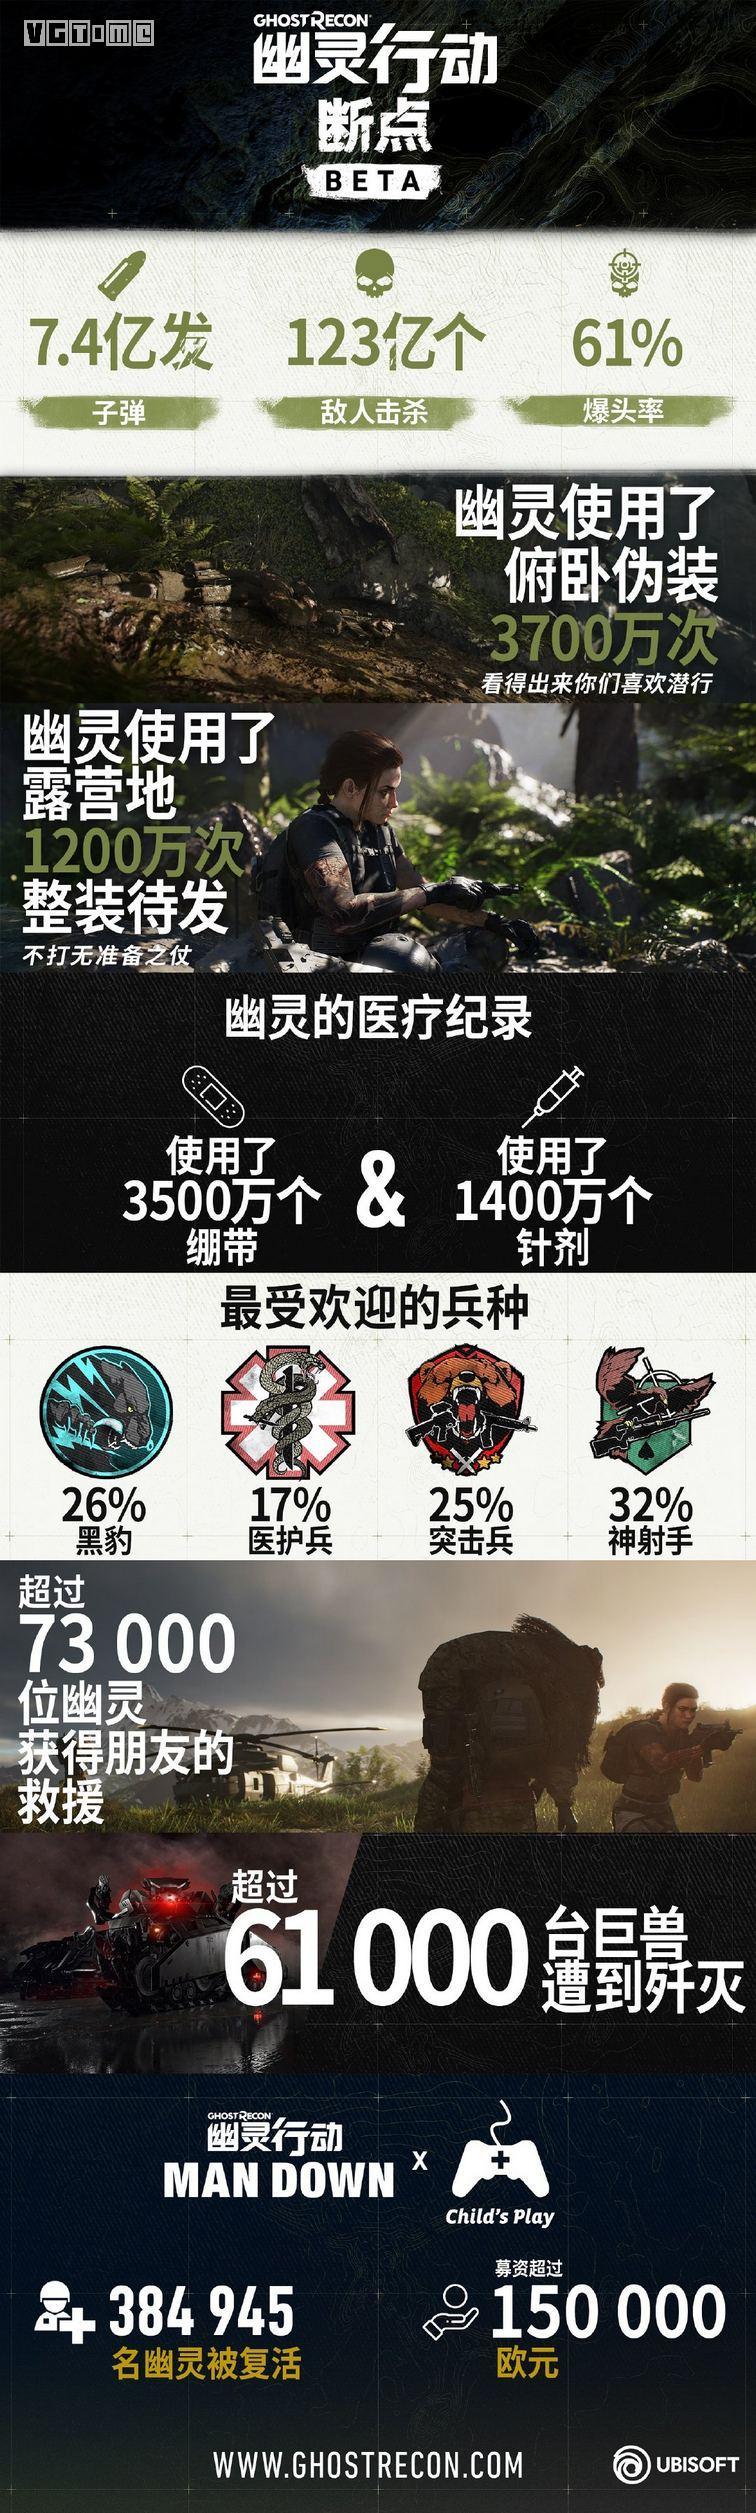 《幽灵行动 断点》B测4天,玩家击杀了123亿敌人